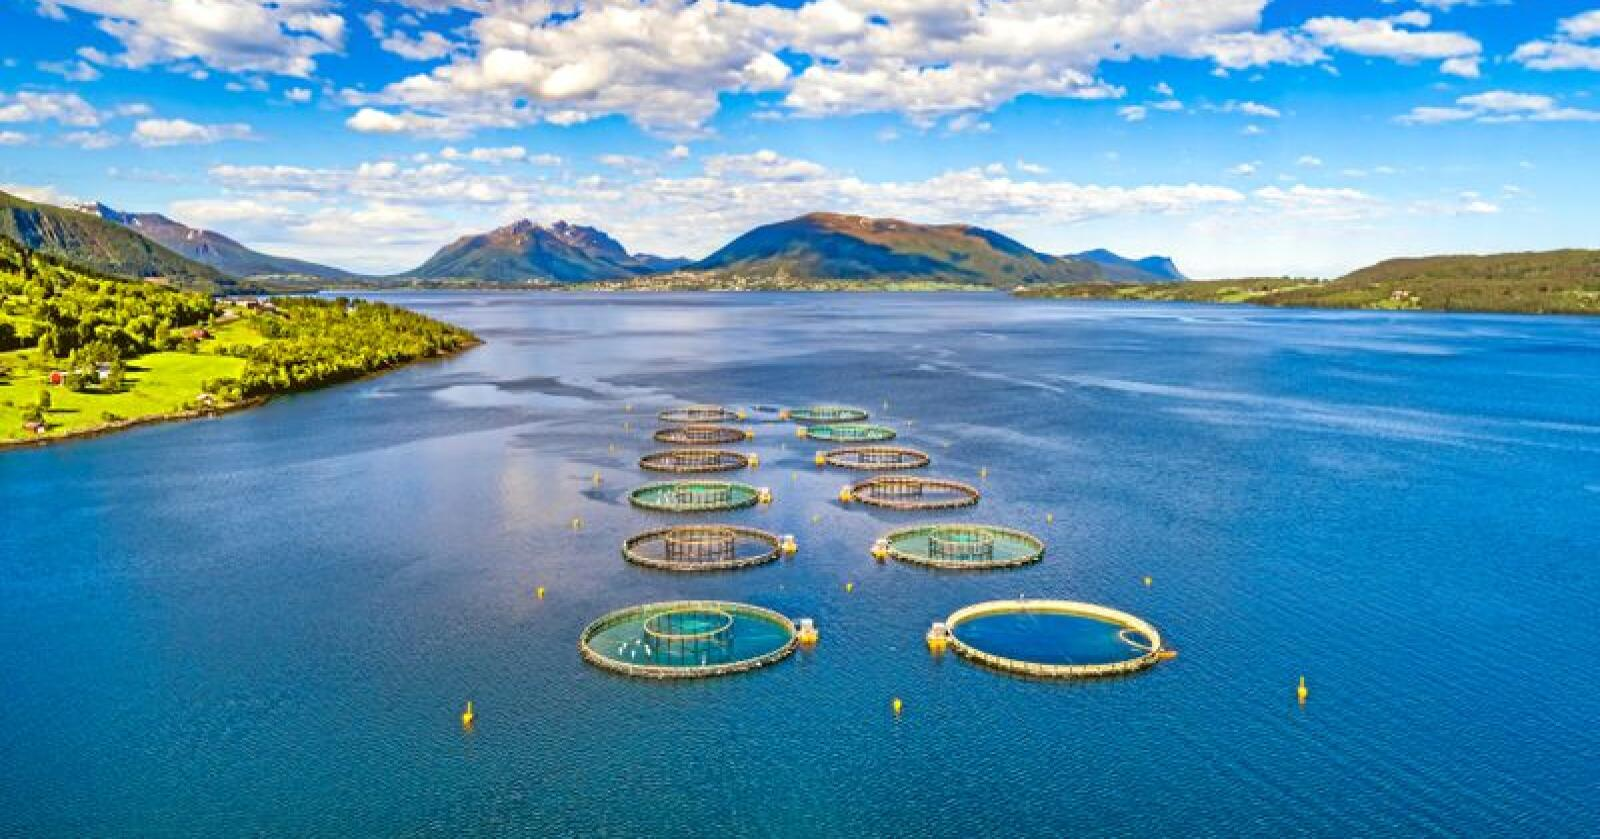 Norsk sjømat møter i dag til dels svært vanskelige krav ved eksport,  spesielt til det brasilianske markedet. Andrey Armyagov / Mostphotos